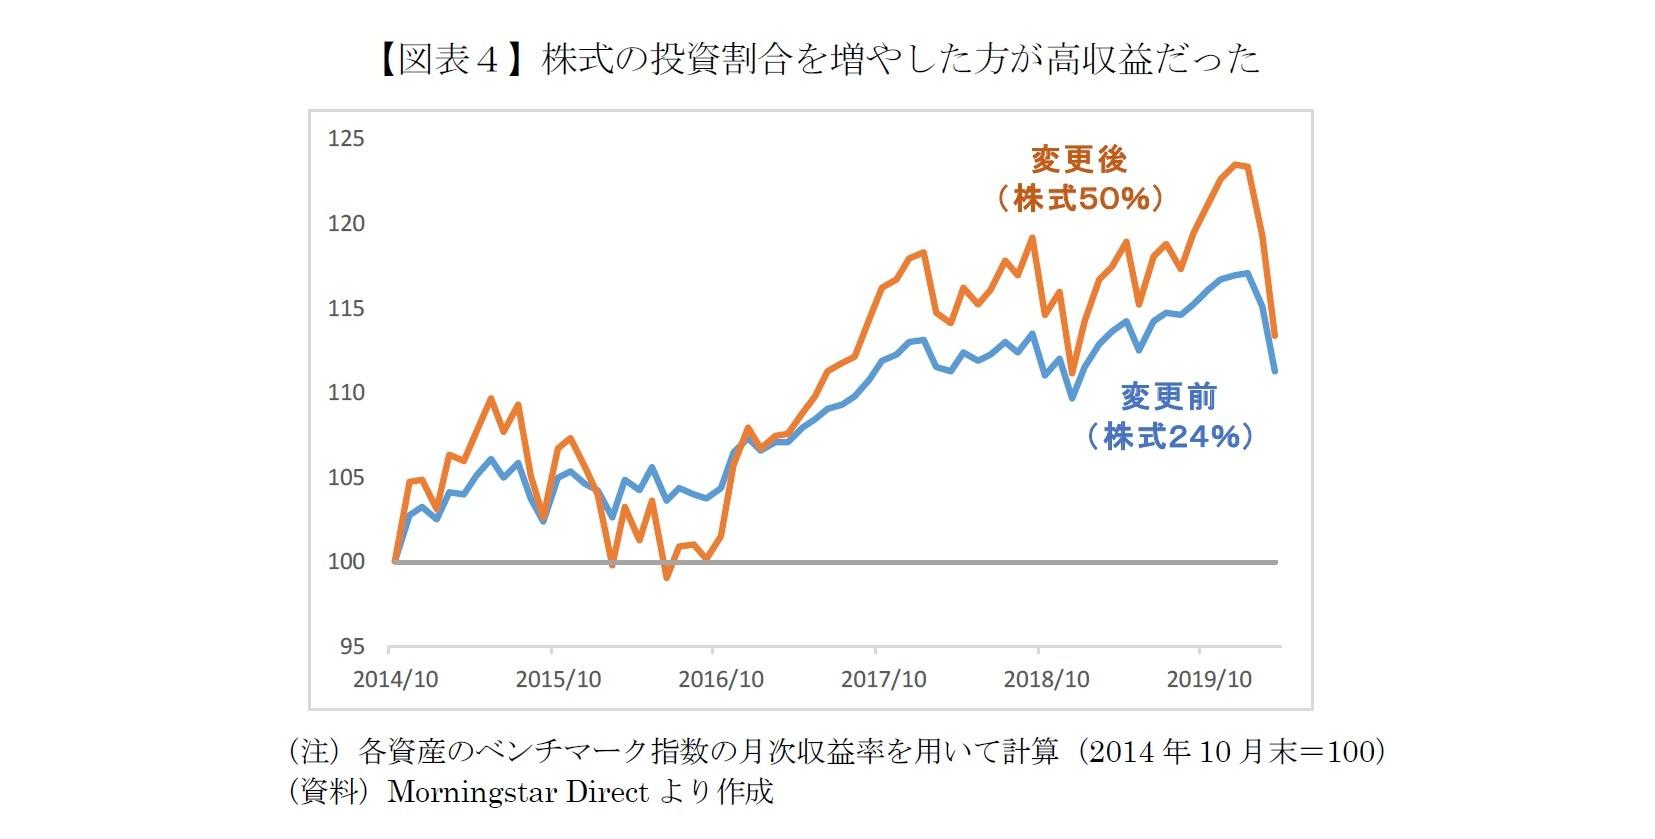 【図表4】株式の投資割合を増やした方が高収益だった